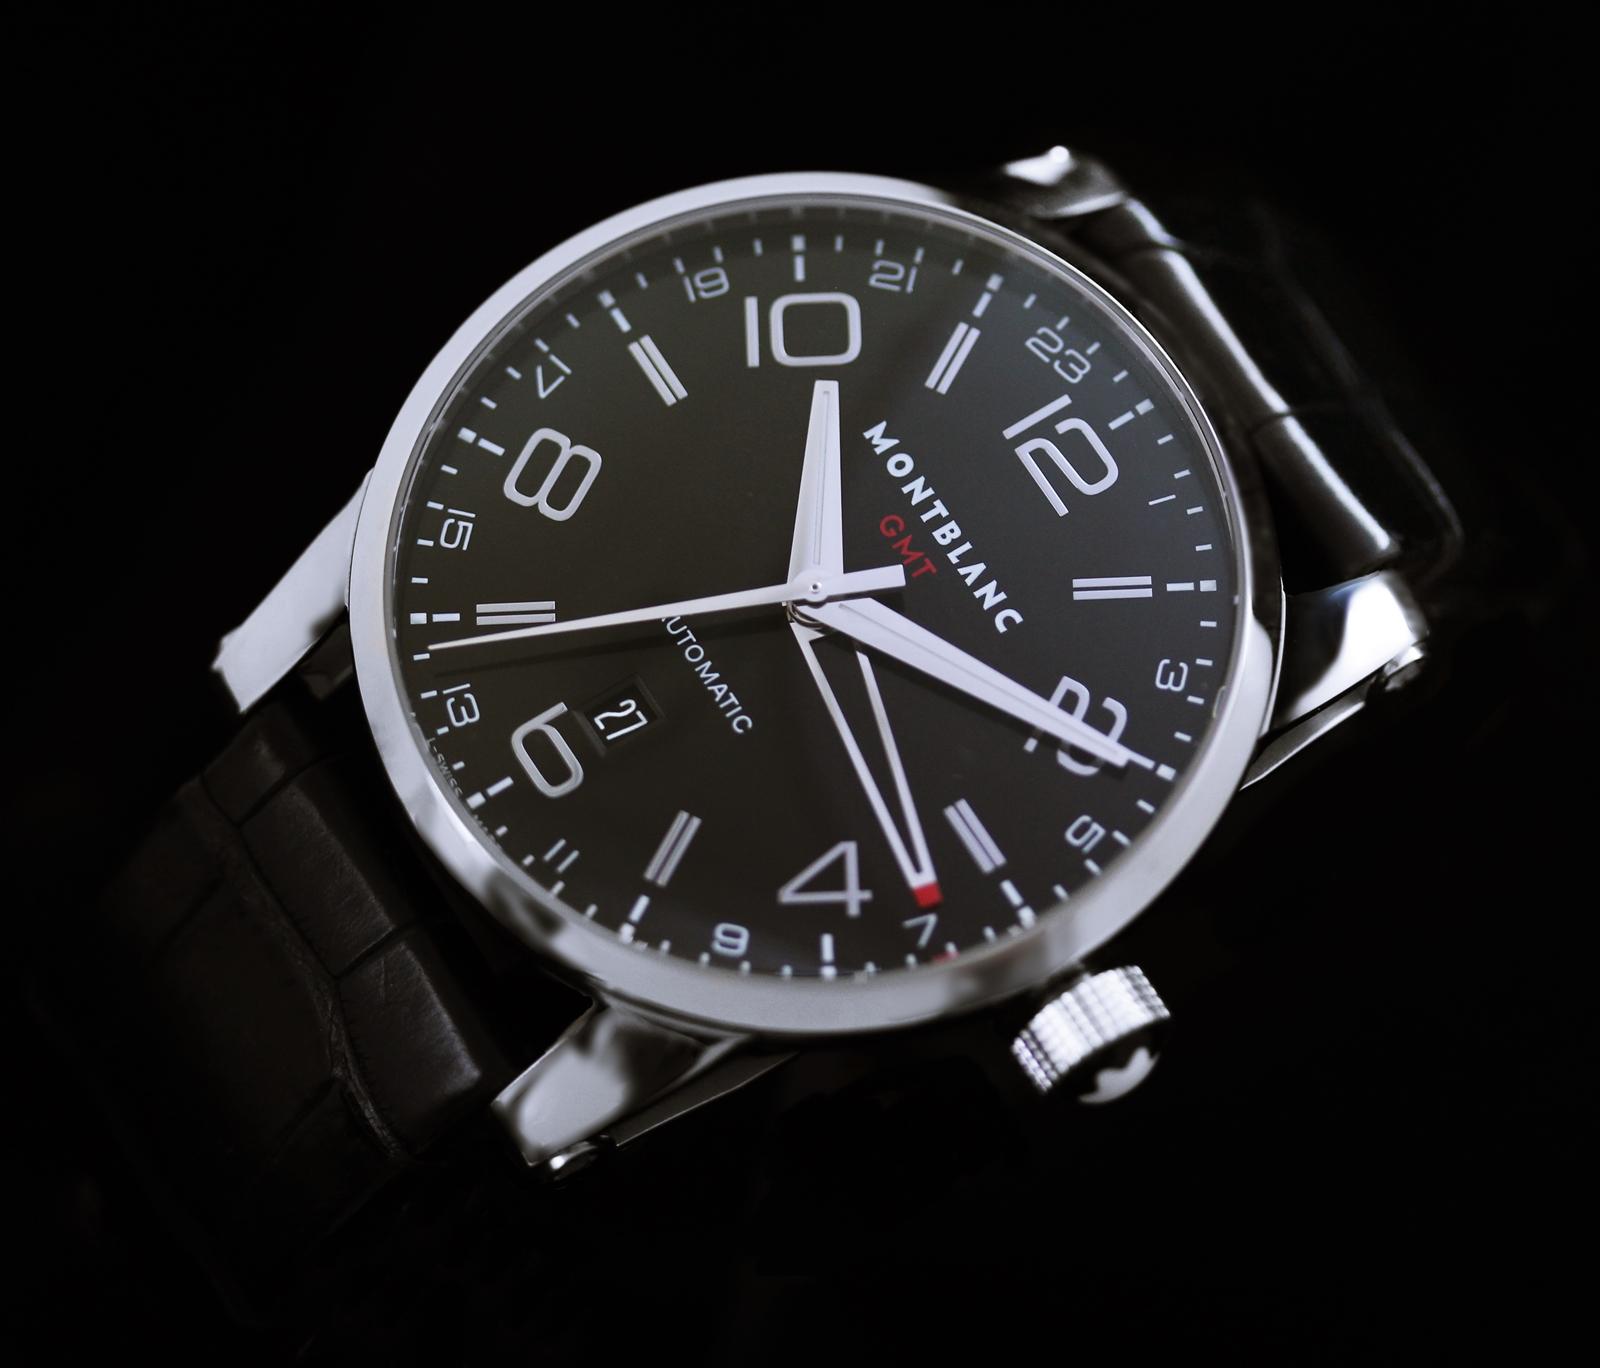 Montblanc Timewalker Gmt Uhrforum